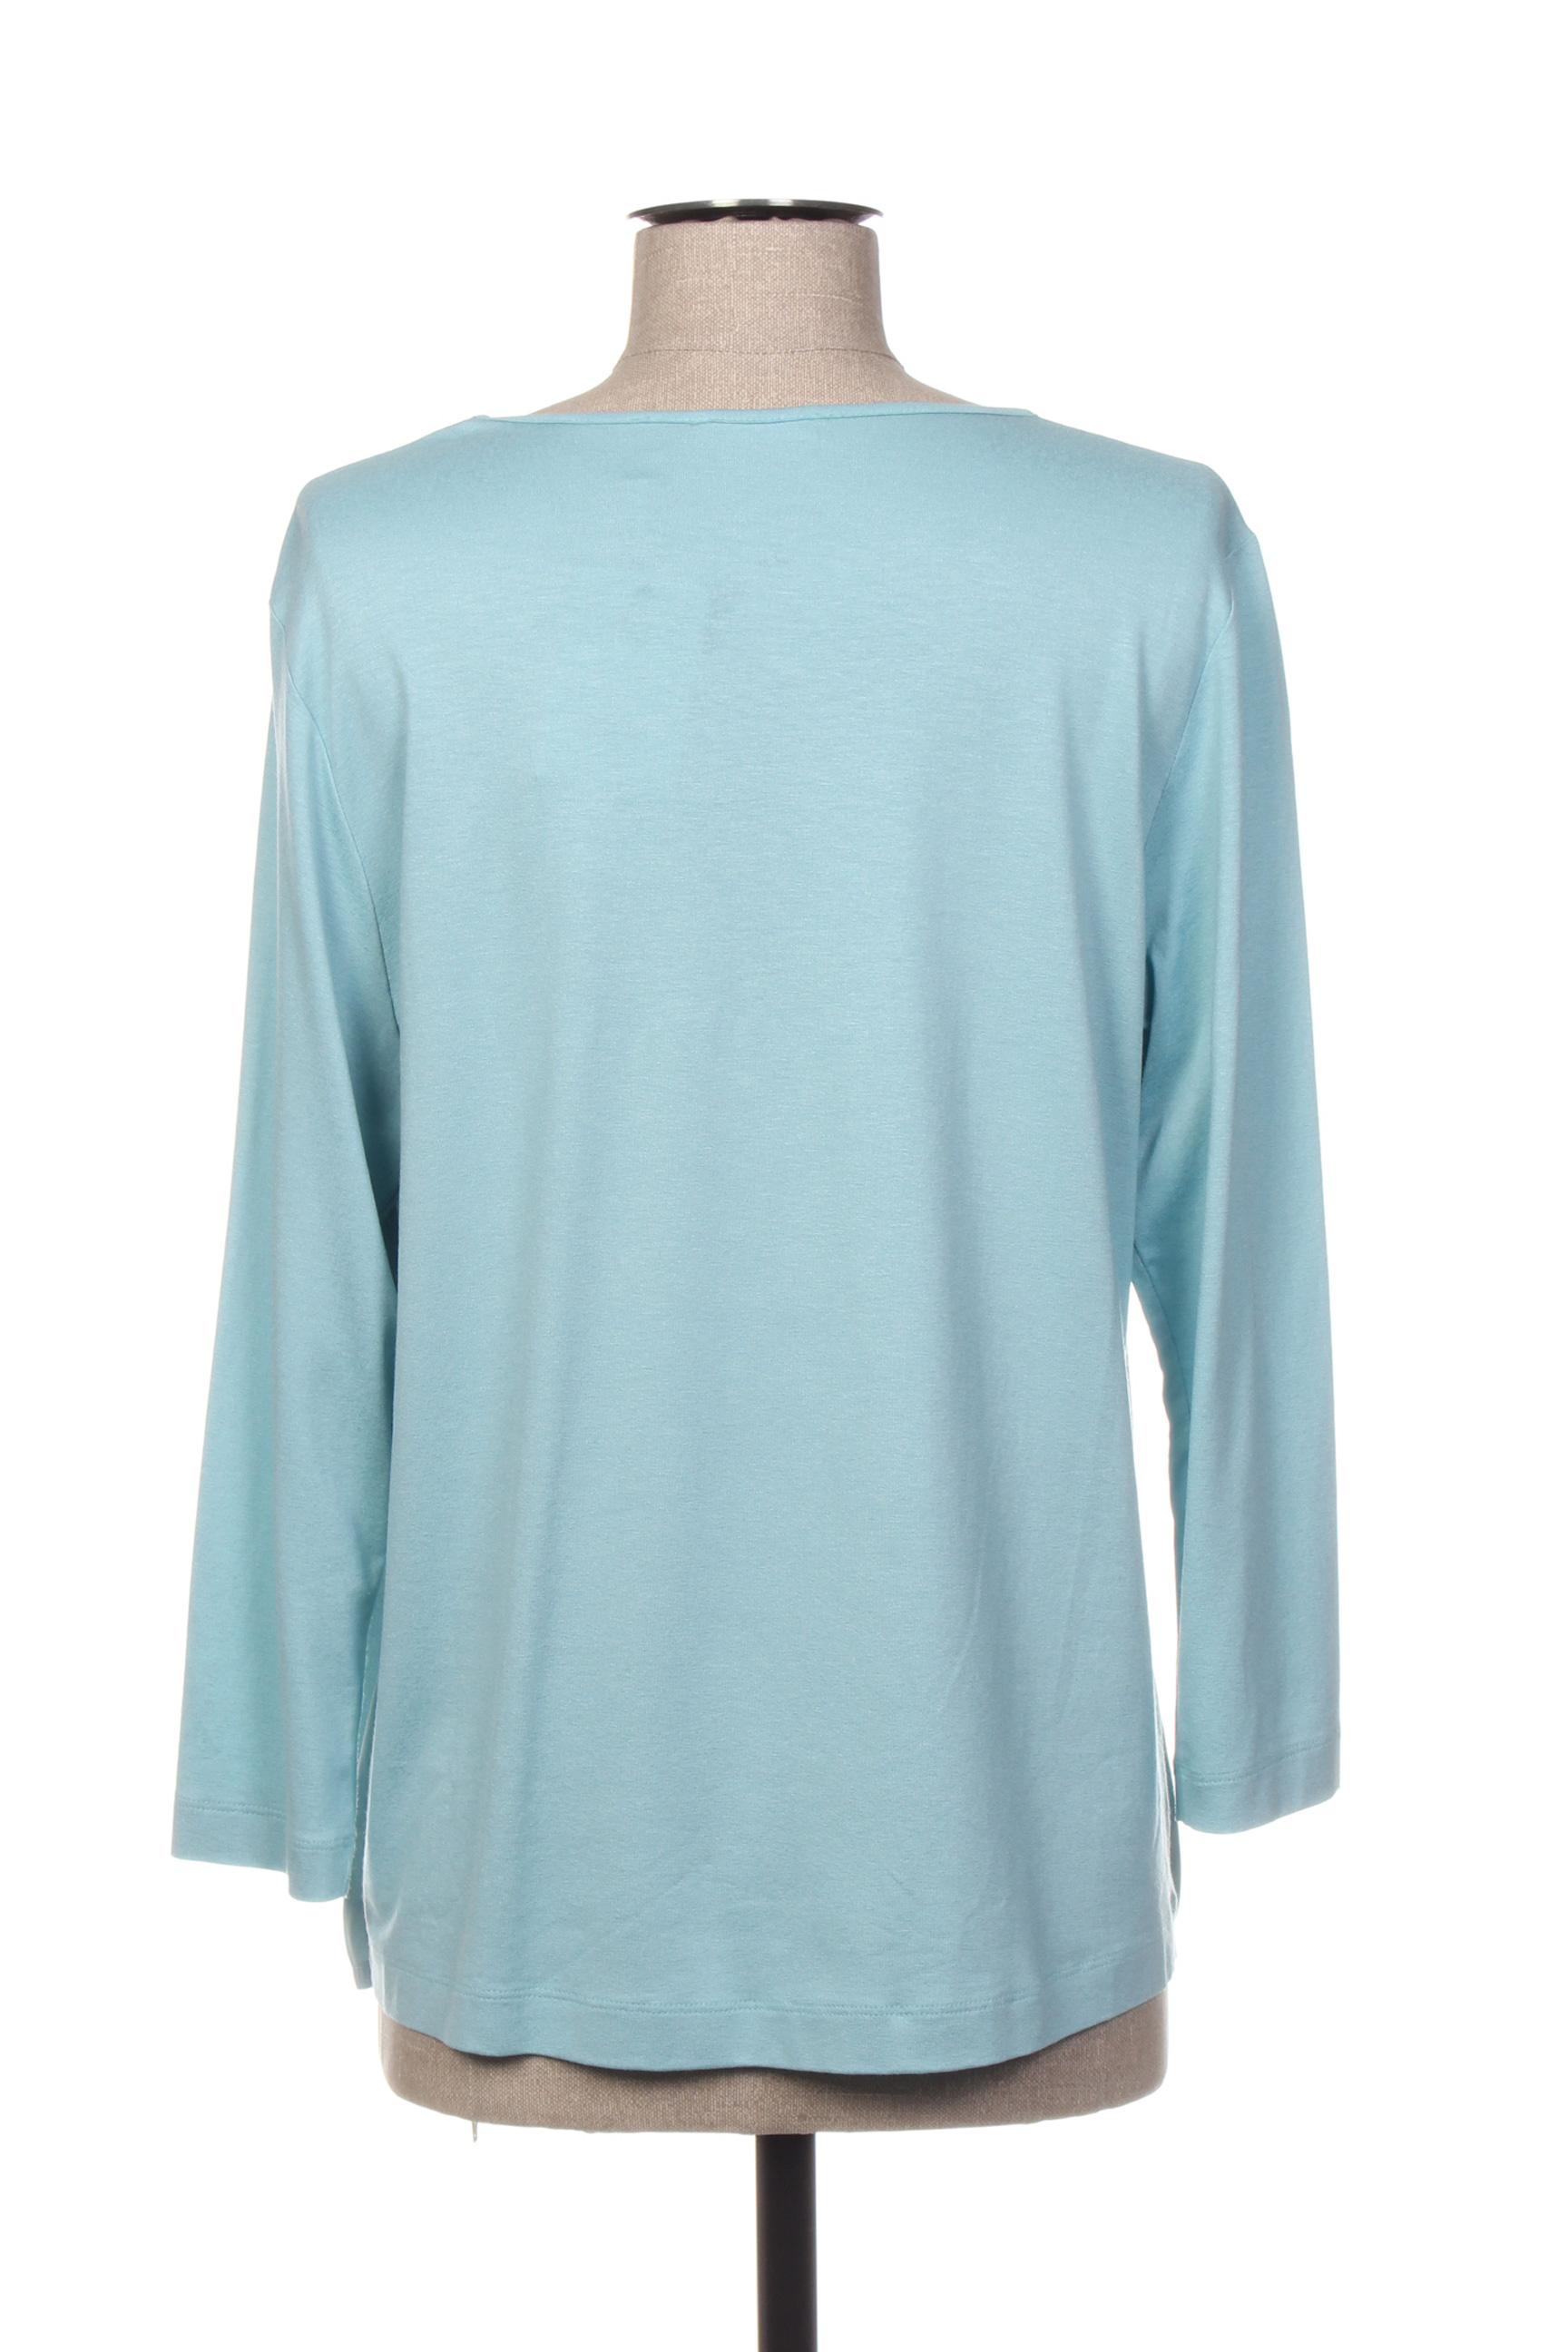 Rabe Blouses Femme De Couleur Bleu En Soldes Pas Cher 1416055-bleu00